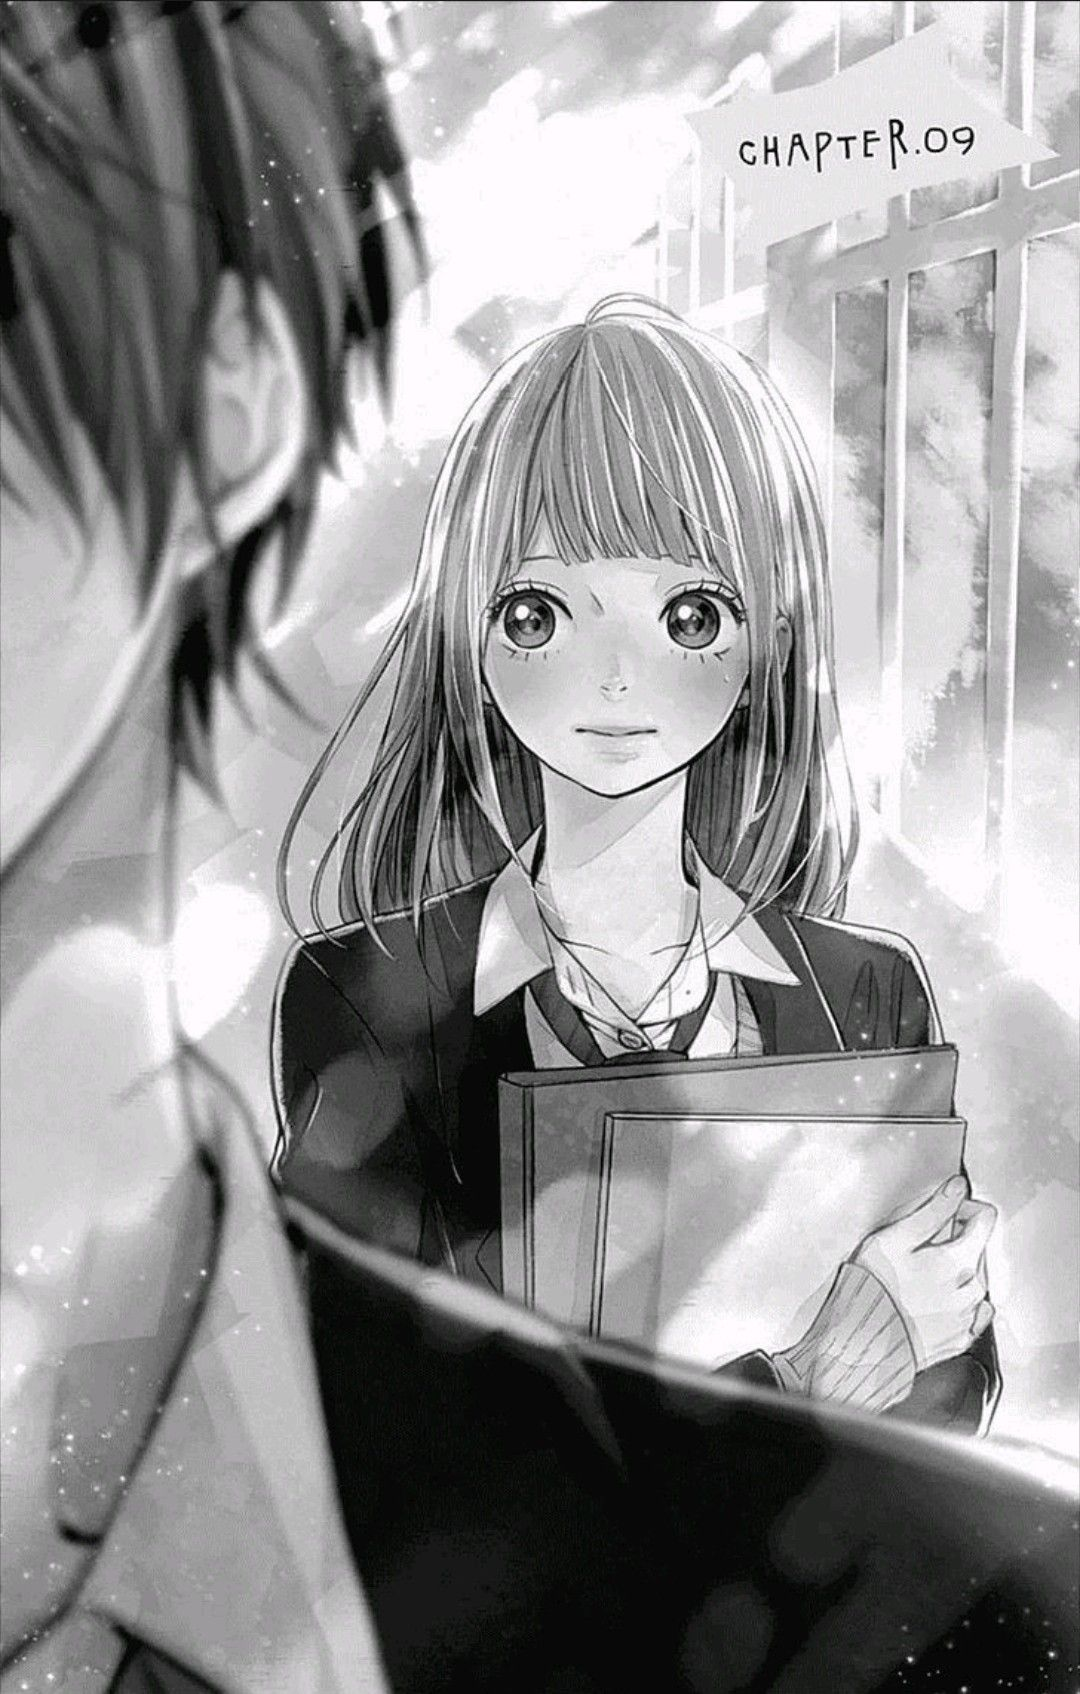 Pin de 🌟IVA🌟 en Mangas\Webtoons\Novels Pareja animé